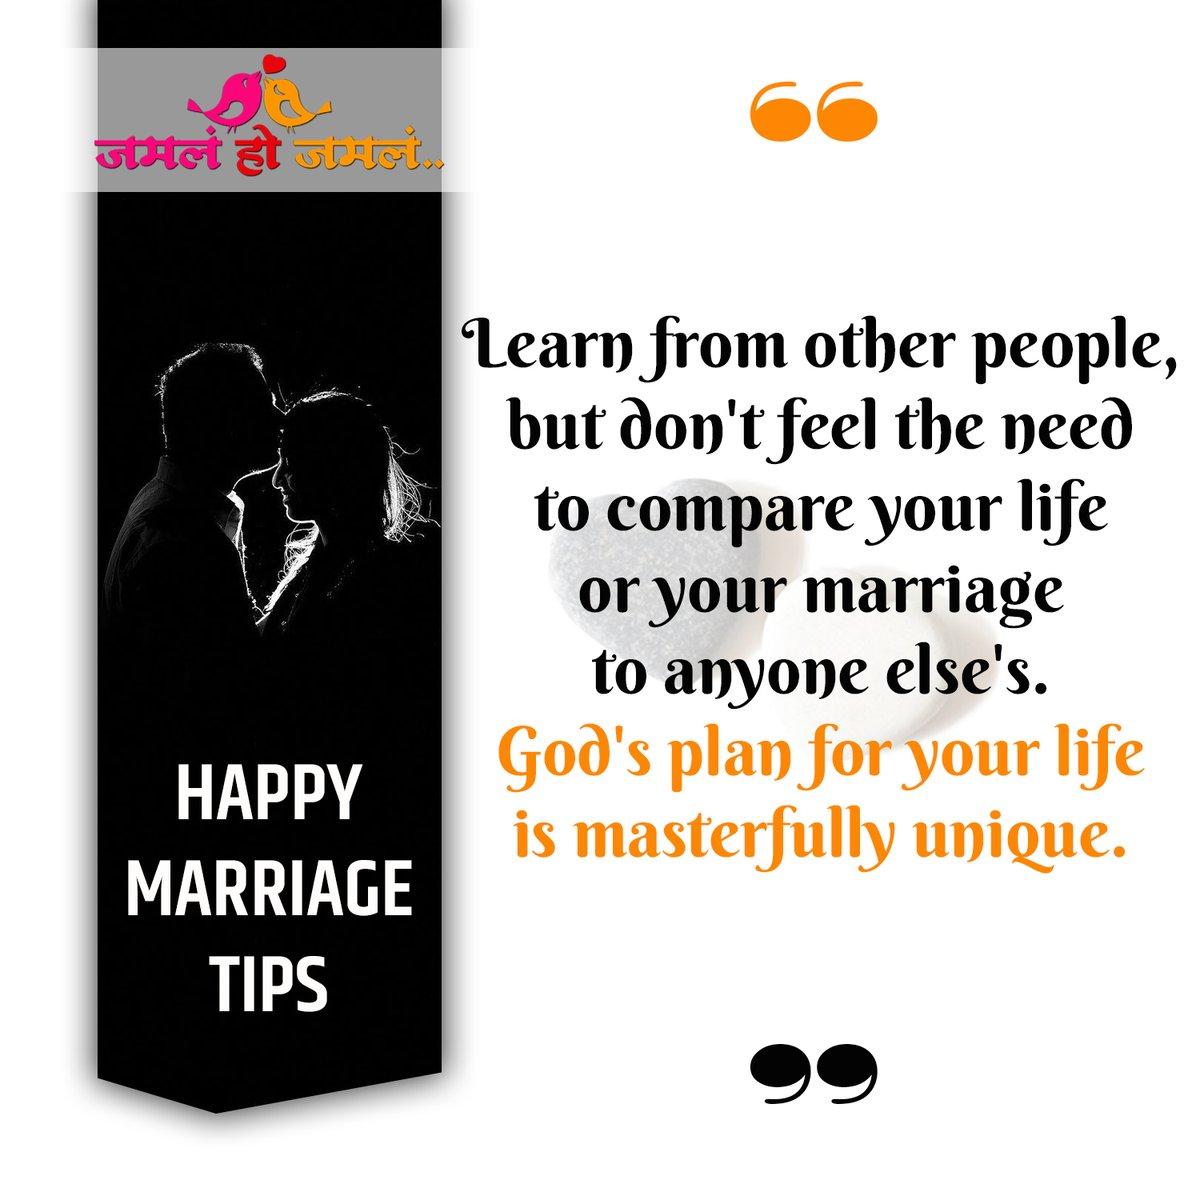 #Wedding #Bride #WeddingDay #WeddingInspiration #Marriage #InstaWedding #marathi #maharashtra #marathistatus #marathimulga #marathimulgi #mimarathi #maharashtrian #prem #marathiactress #marathiweddings #marathibrides #marathigrooms #HappyMarriage #HappyCouple #JamalHoJamalpic.twitter.com/jbxtWI7Awj